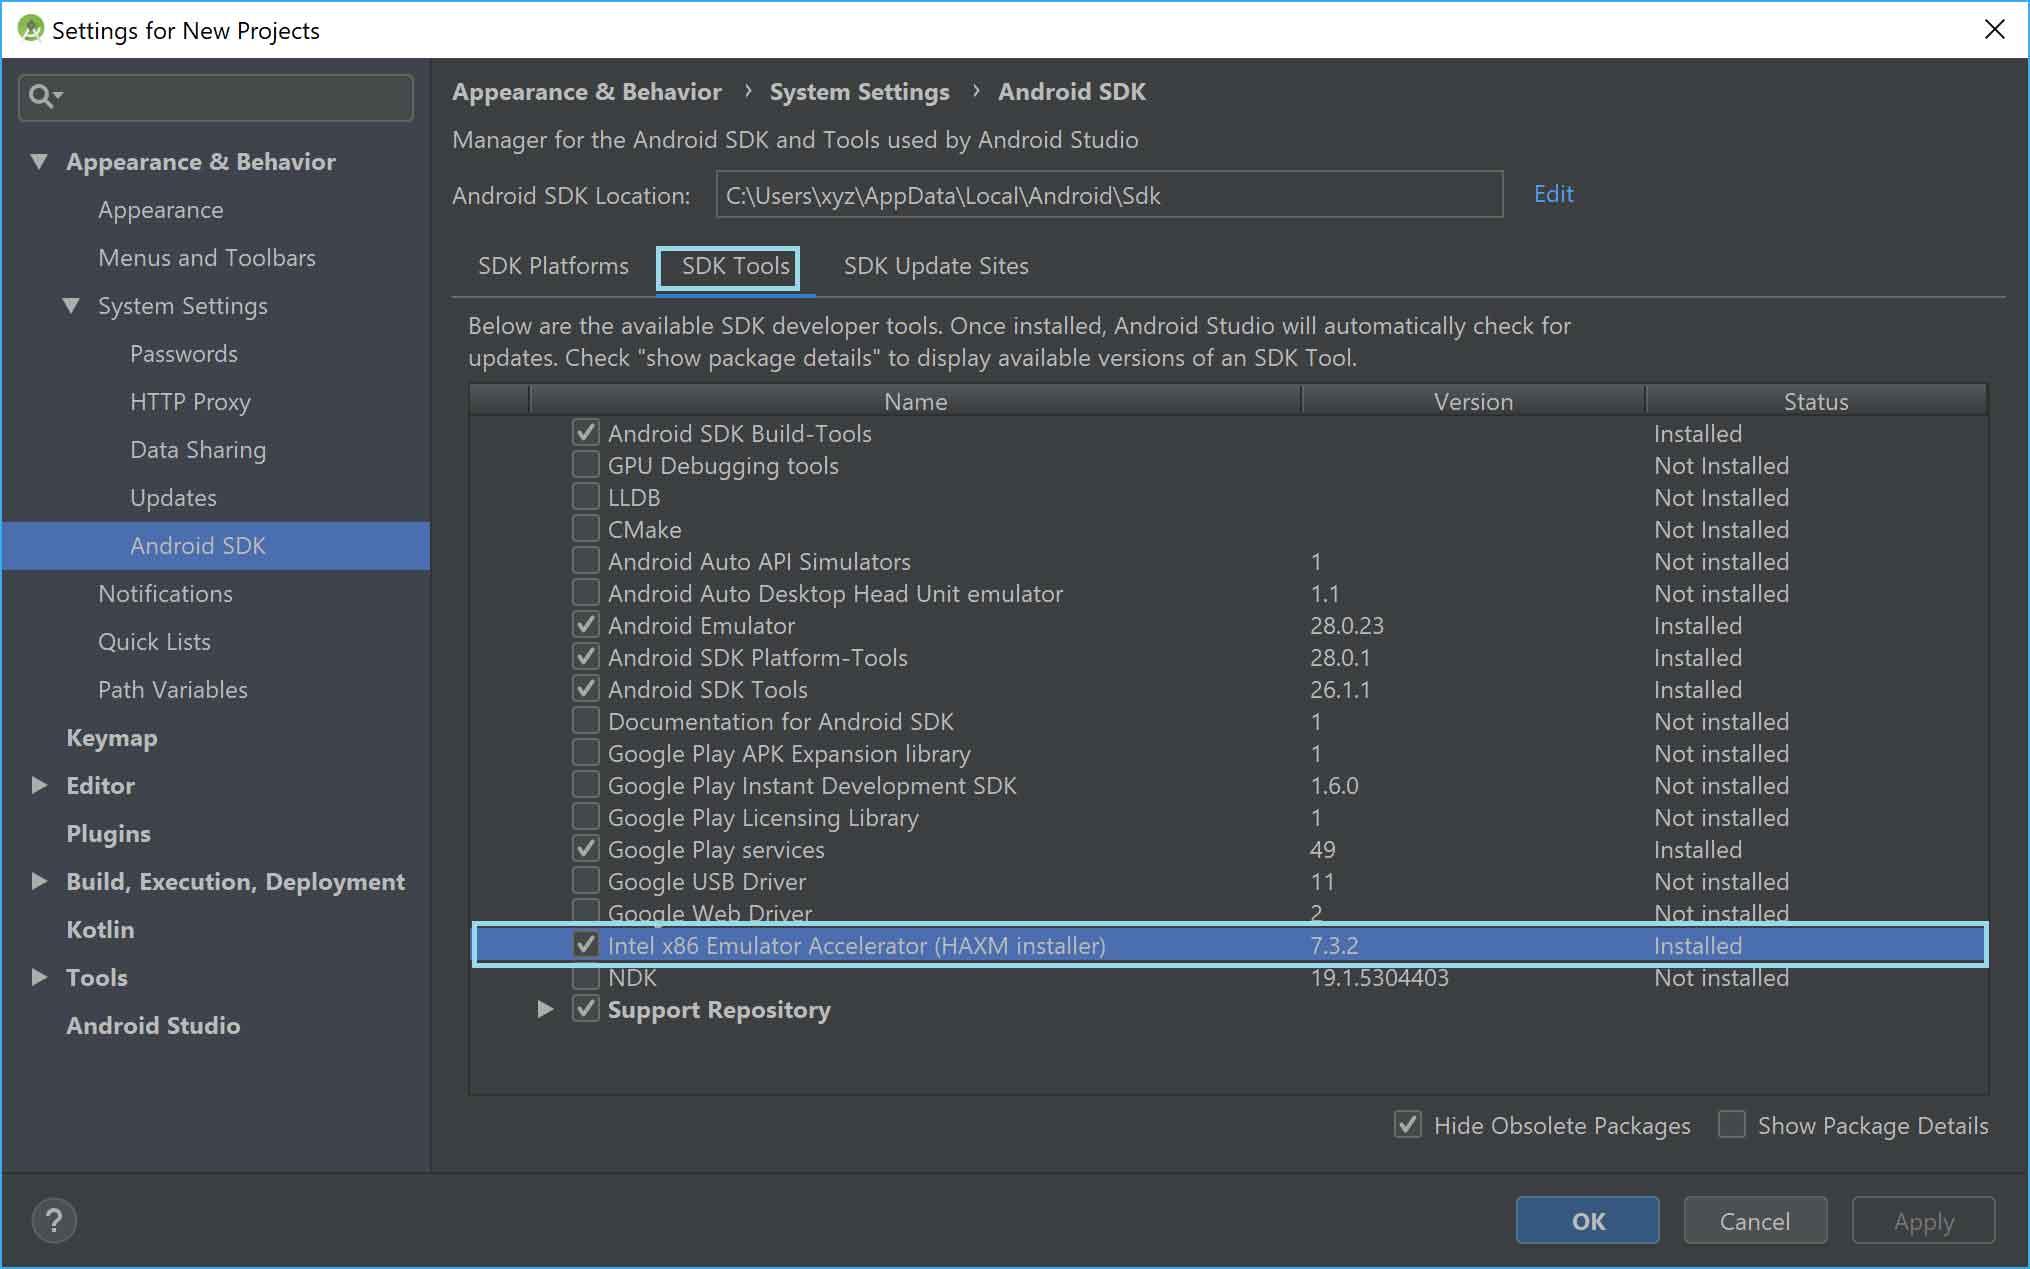 تفعيل خاصية HAXM installer في أندرويد ستوديو